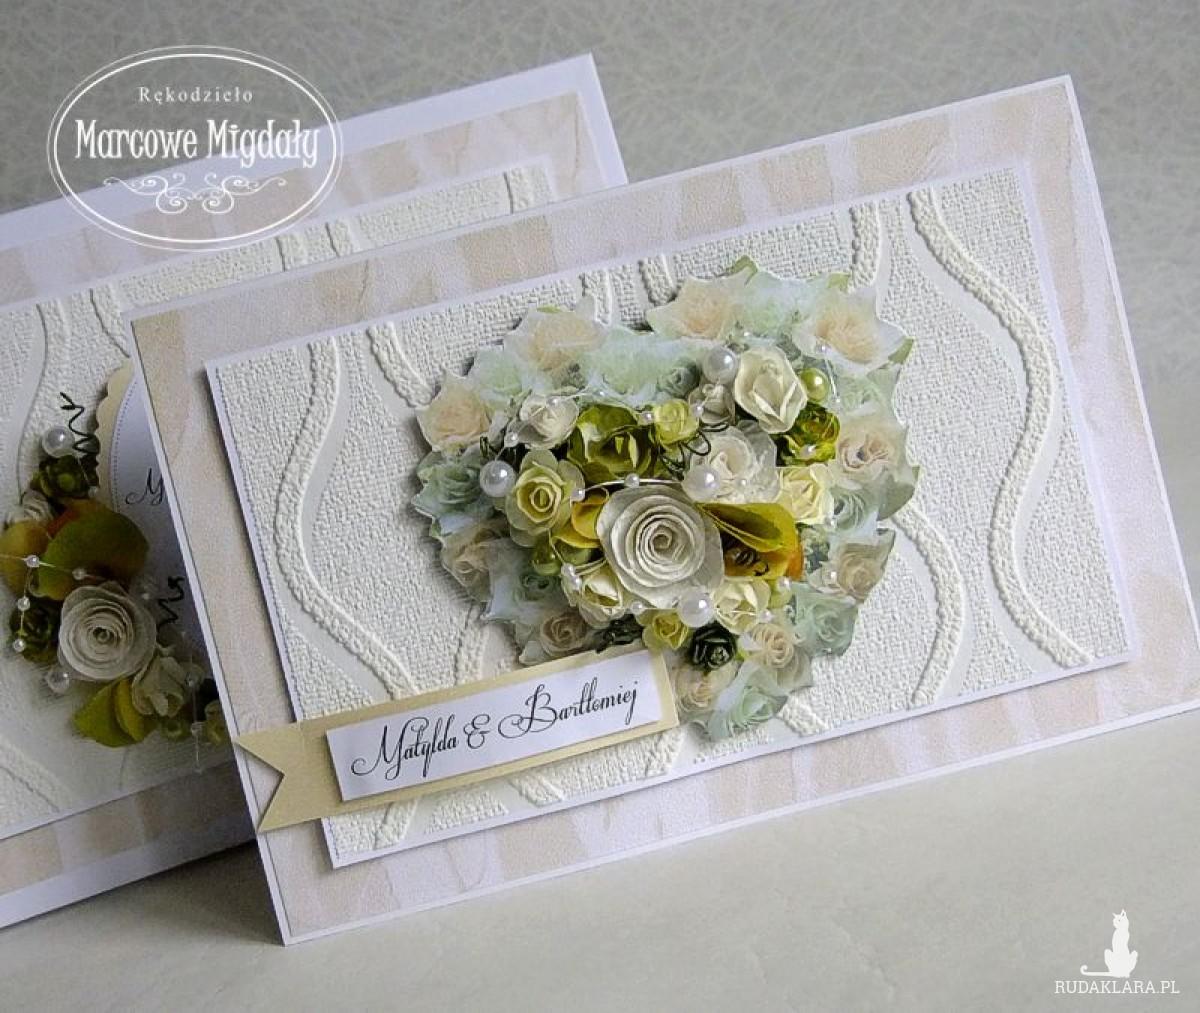 Romantyczne Serce, duża kartka ślubna i pudełko z cytatem